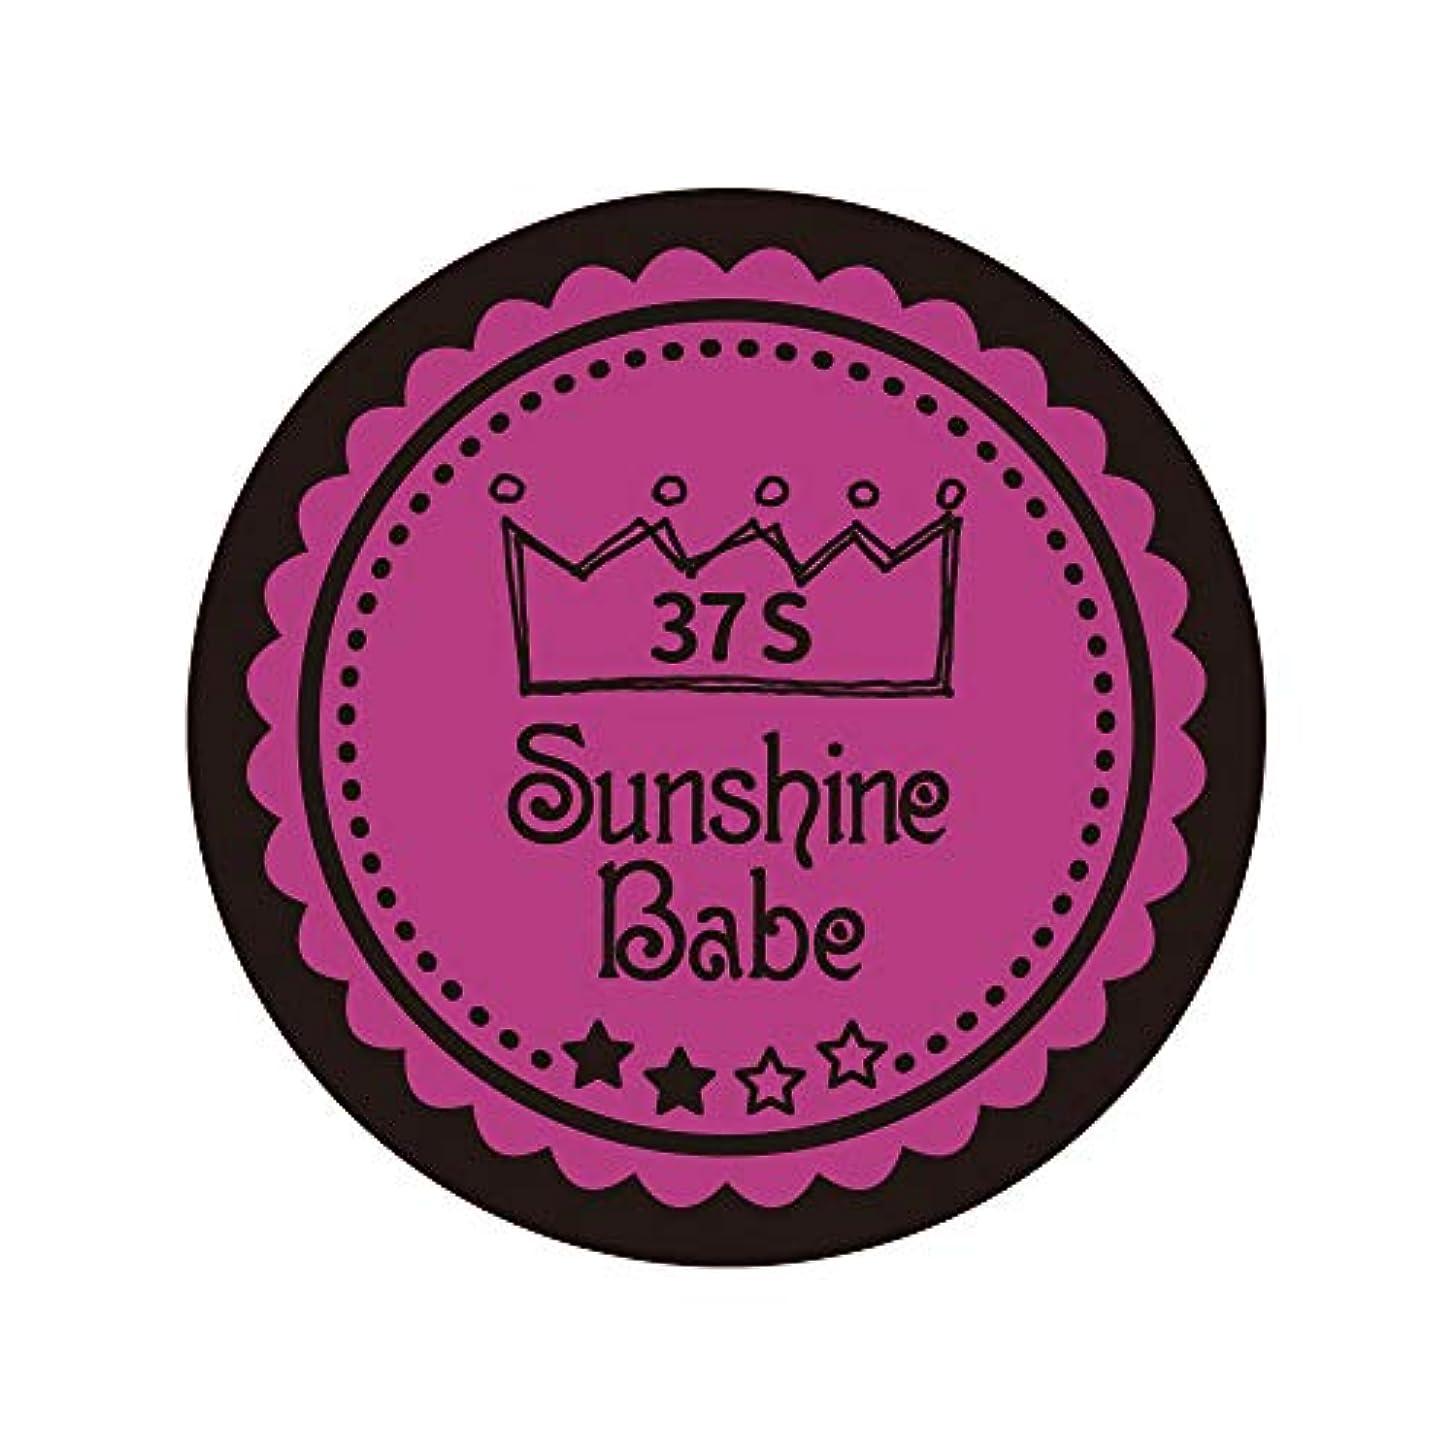 時失効しかしSunshine Babe カラージェル 37S フューシャピンク 4g UV/LED対応